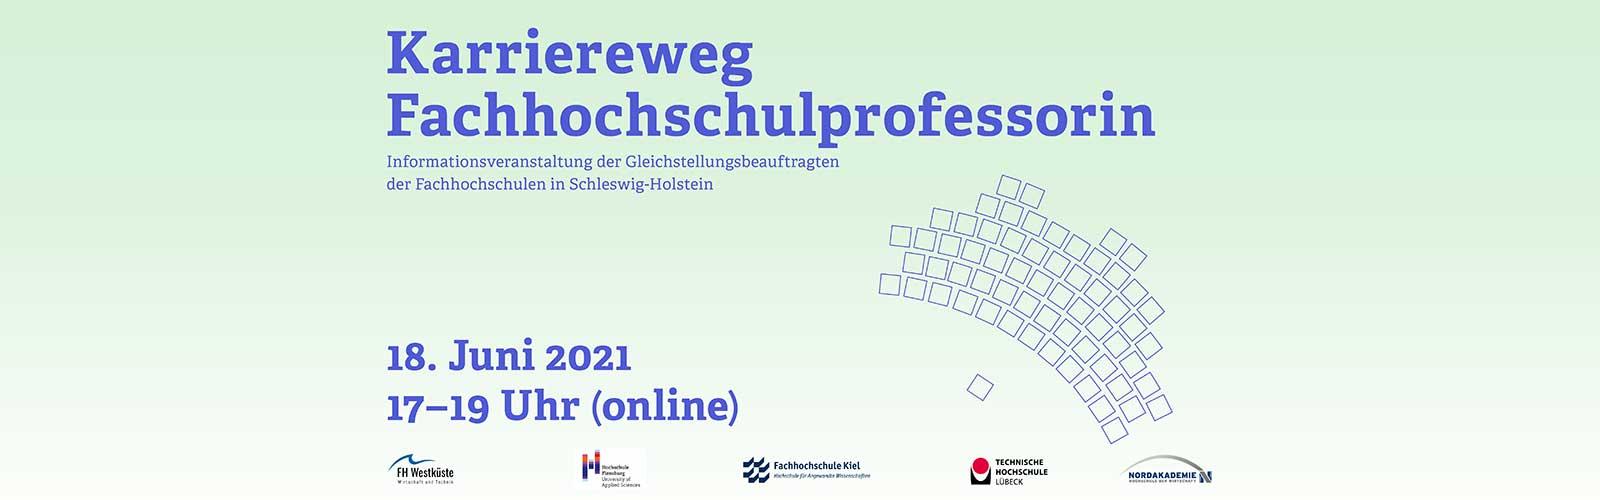 Karriereweg Fachhochschulprofessorin @ online